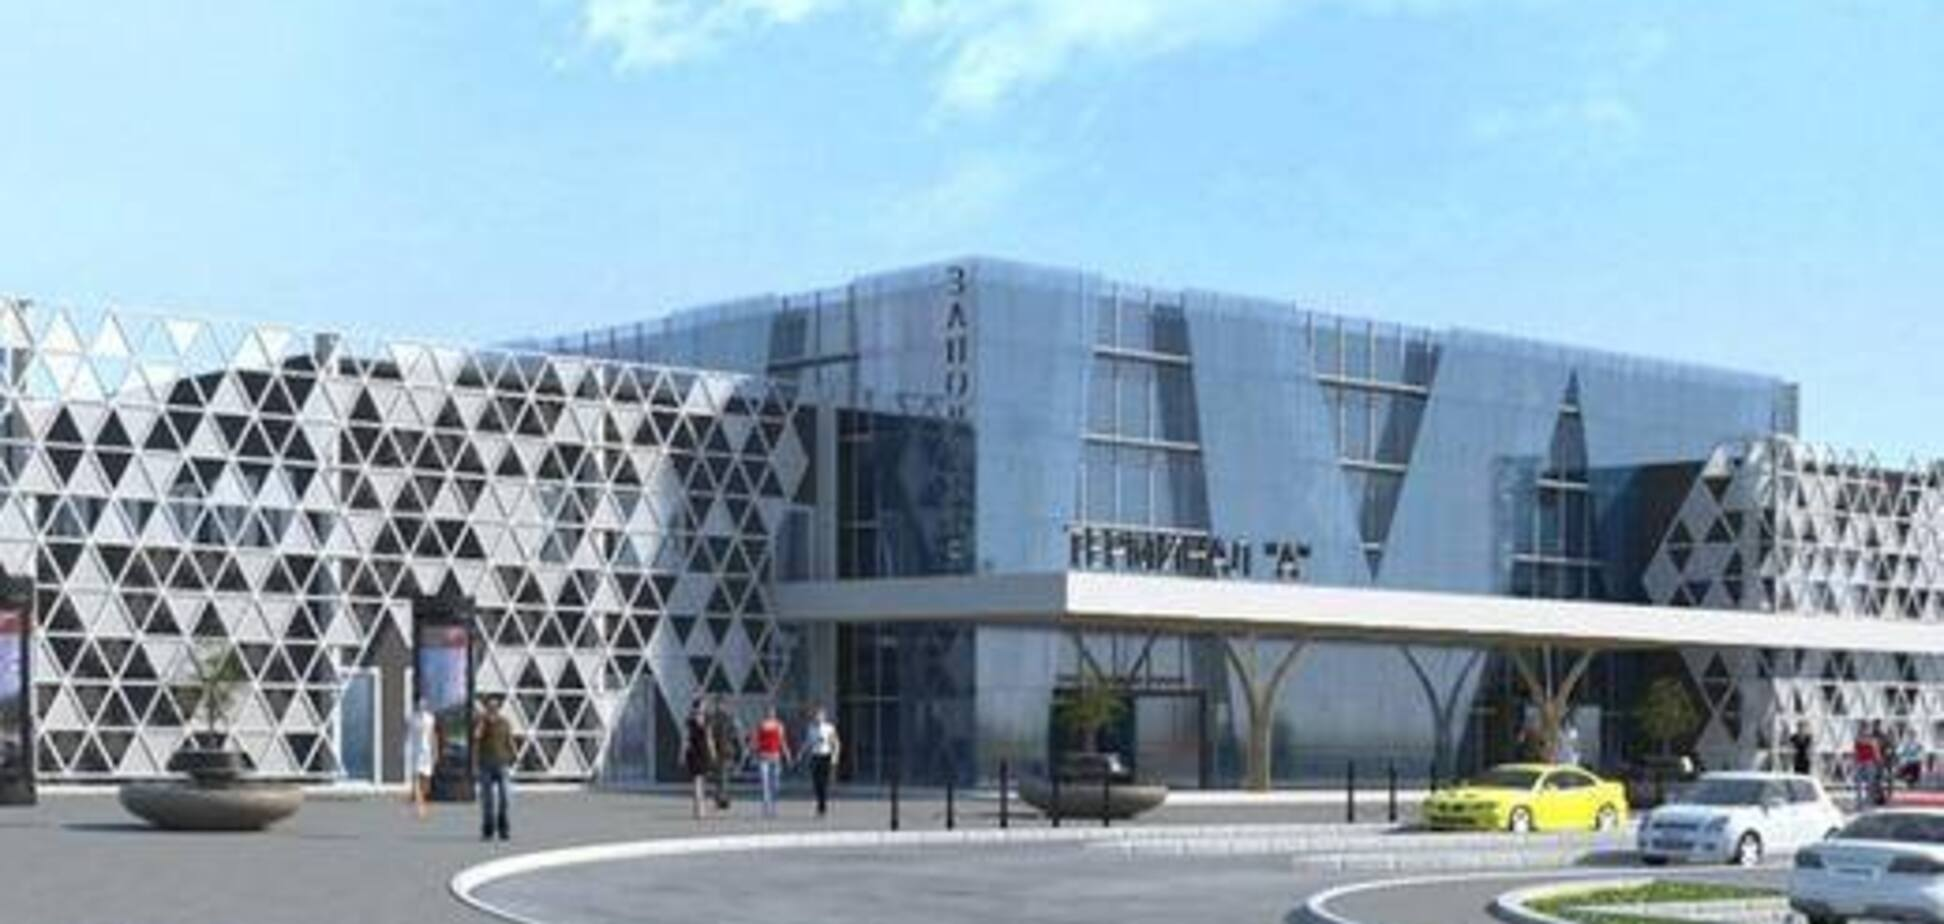 В Сети появилось видео того, как будет выглядеть новый терминал запорожского аэропорта, на строительство которого не хватает 10 млн долларов